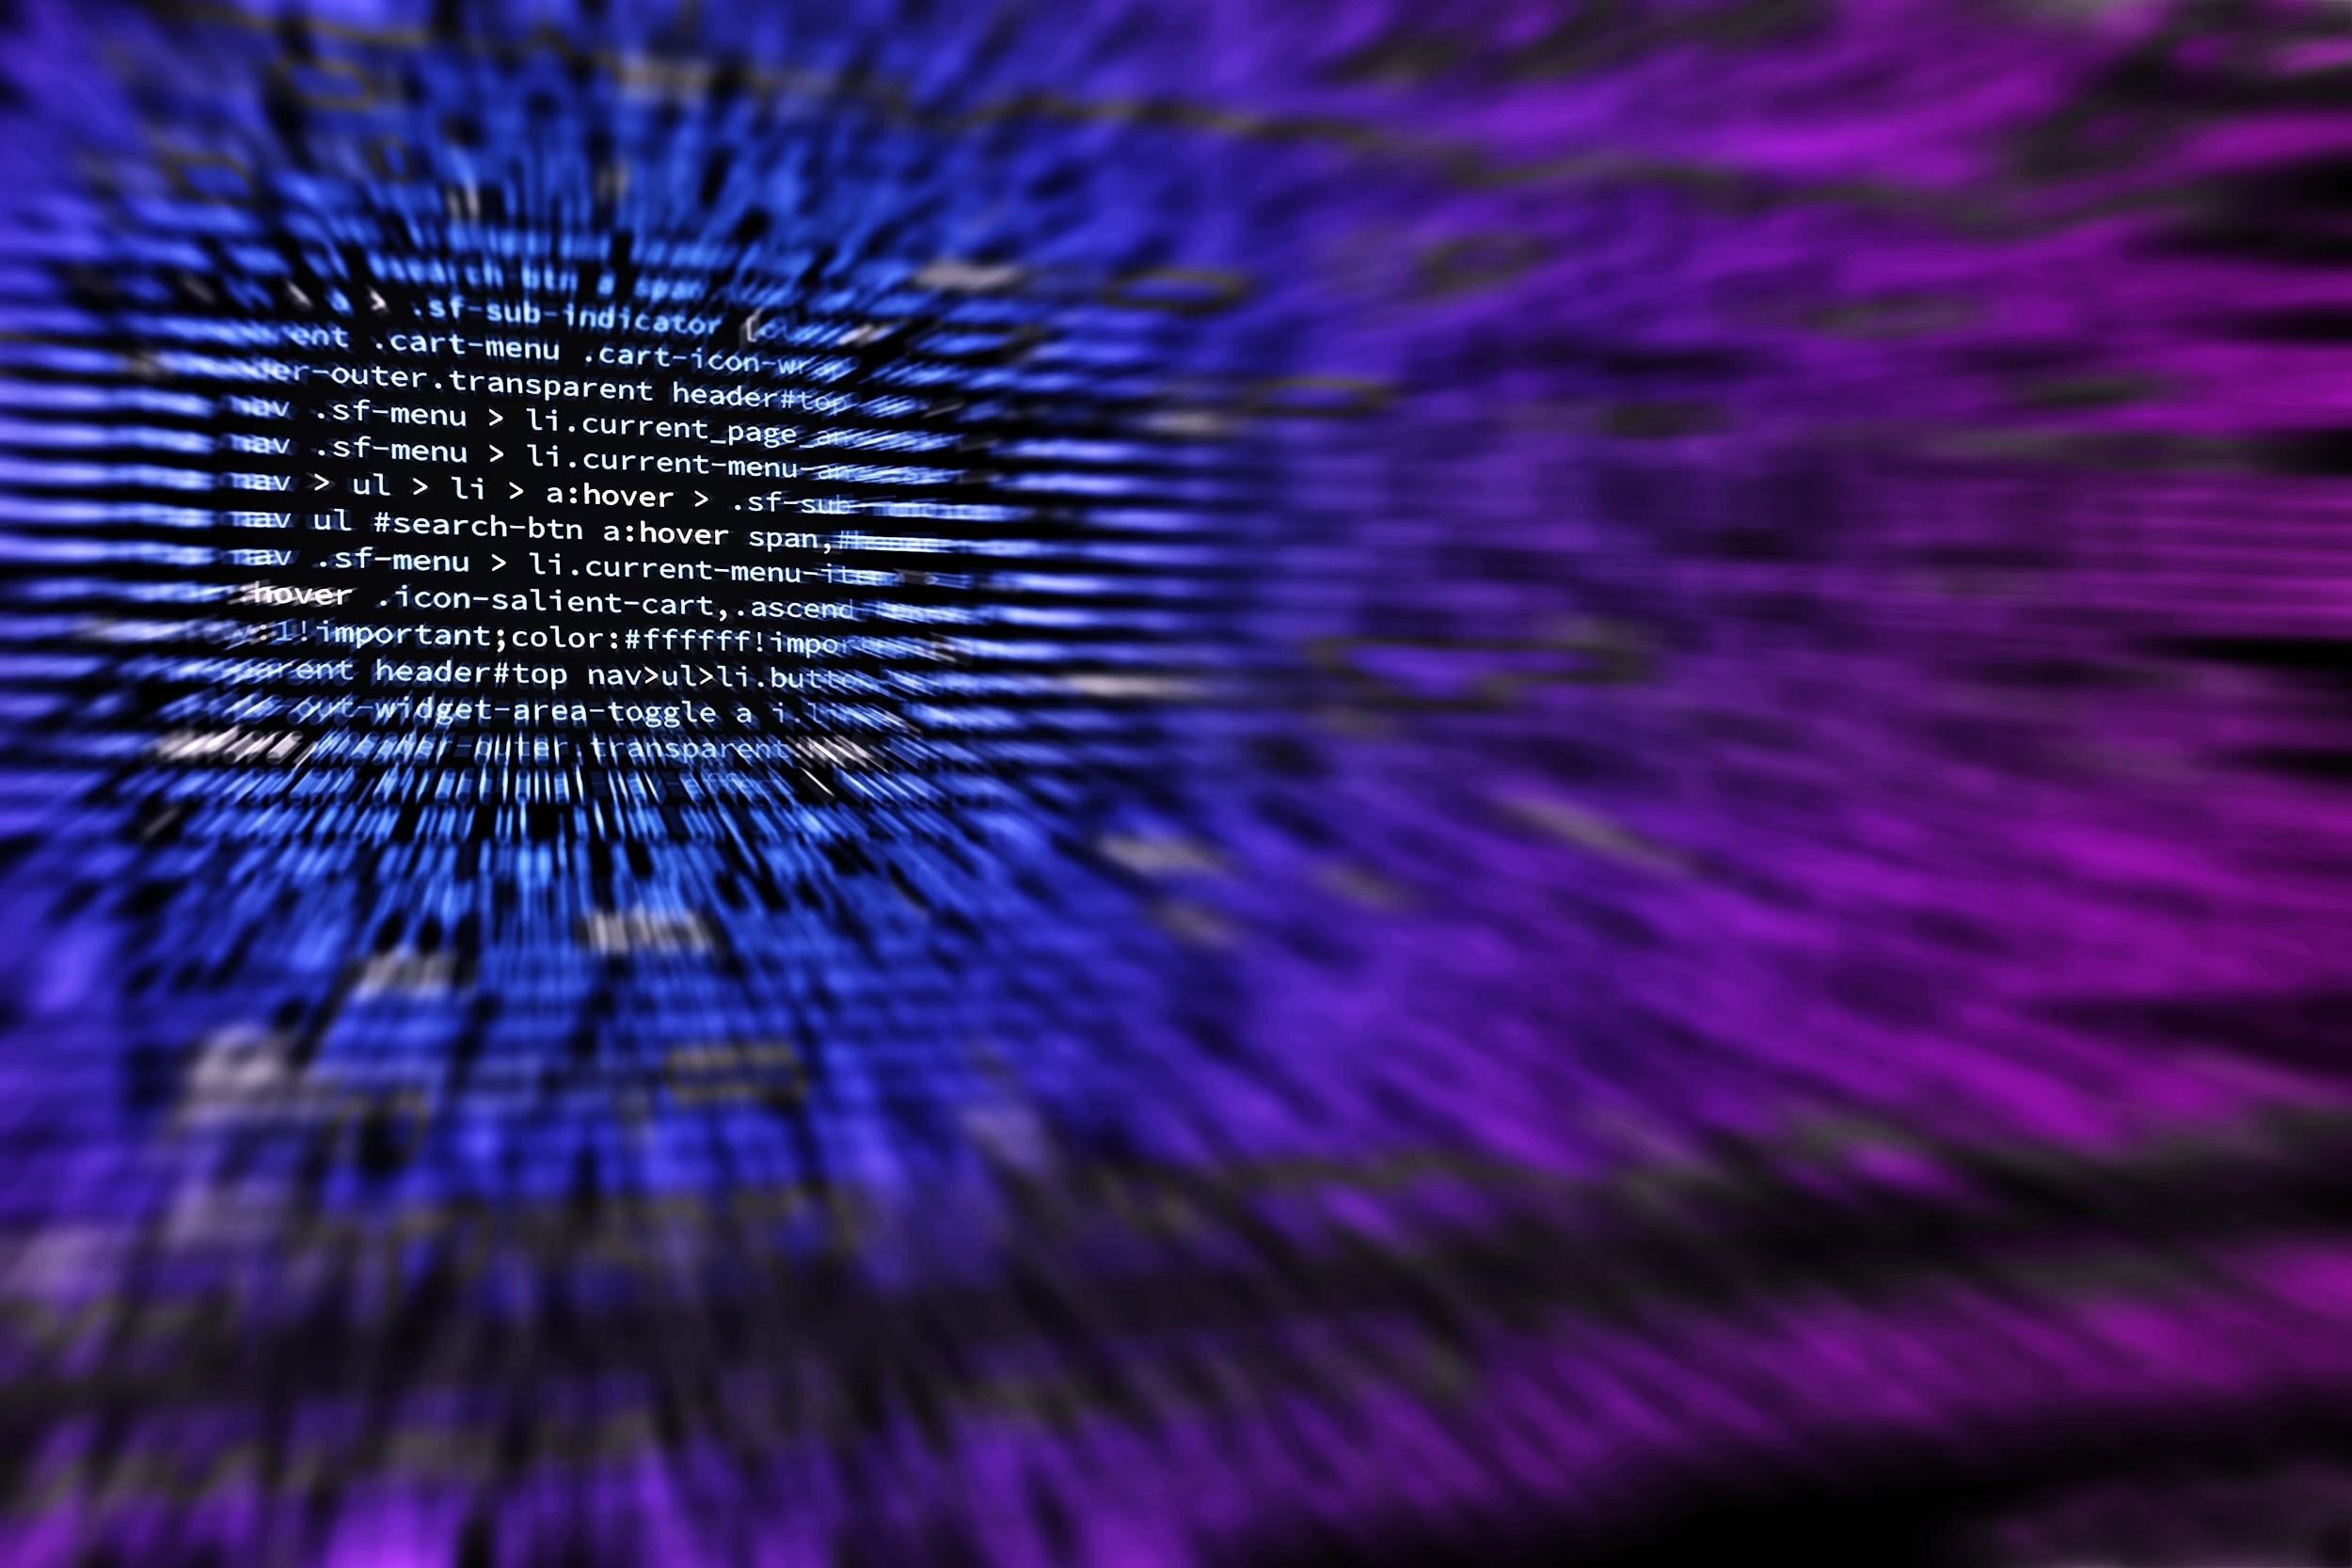 Ciberseguridad, bancos, pago electrónico